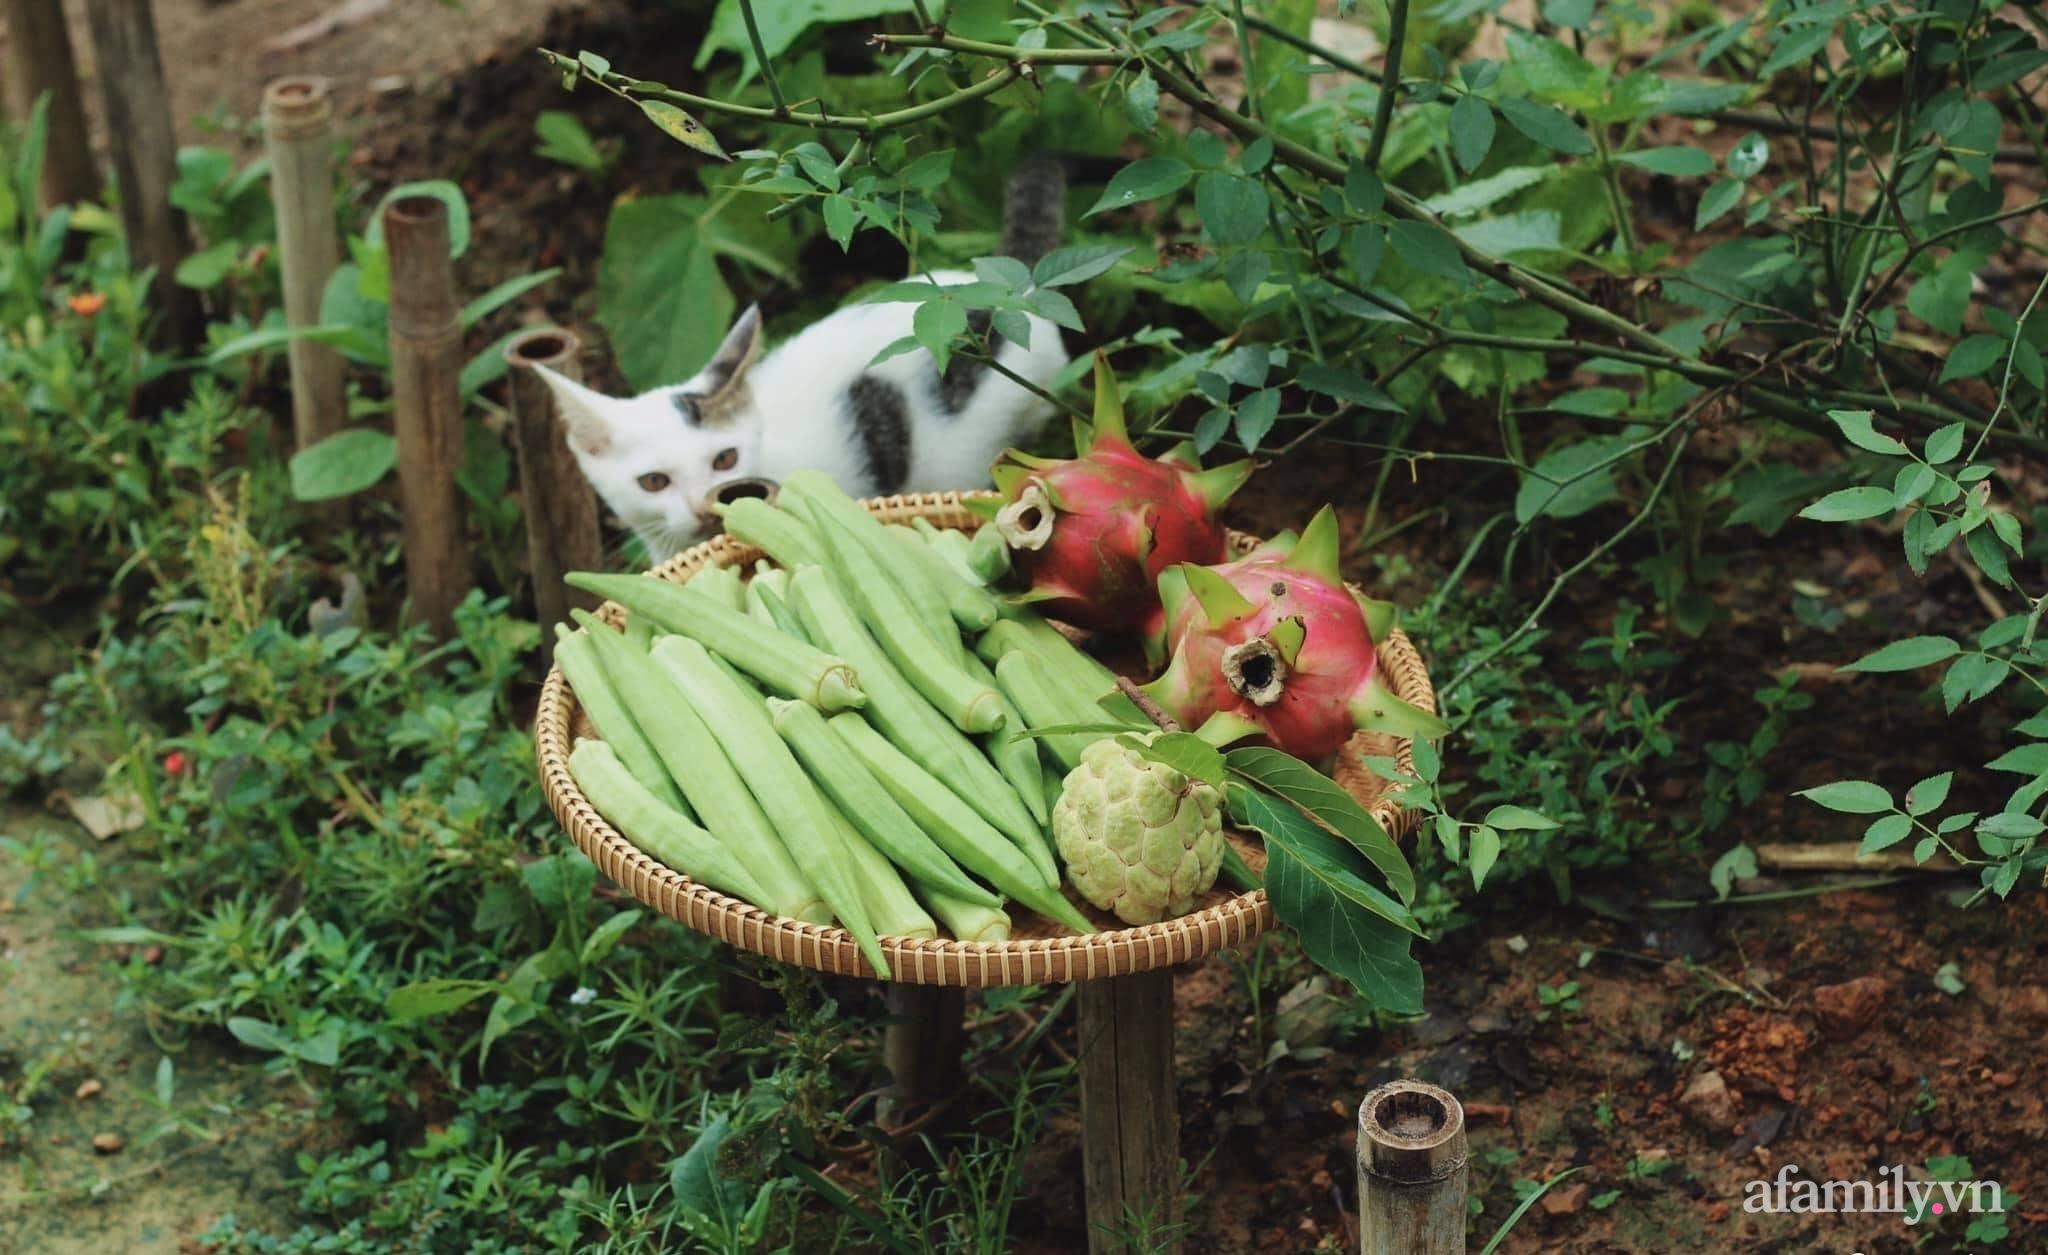 Cô gái trẻ bỏ Hà Nội phố về quê trồng rau nuôi cá, tạo không gian xanh sống cuộc đời an lành - Ảnh 9.